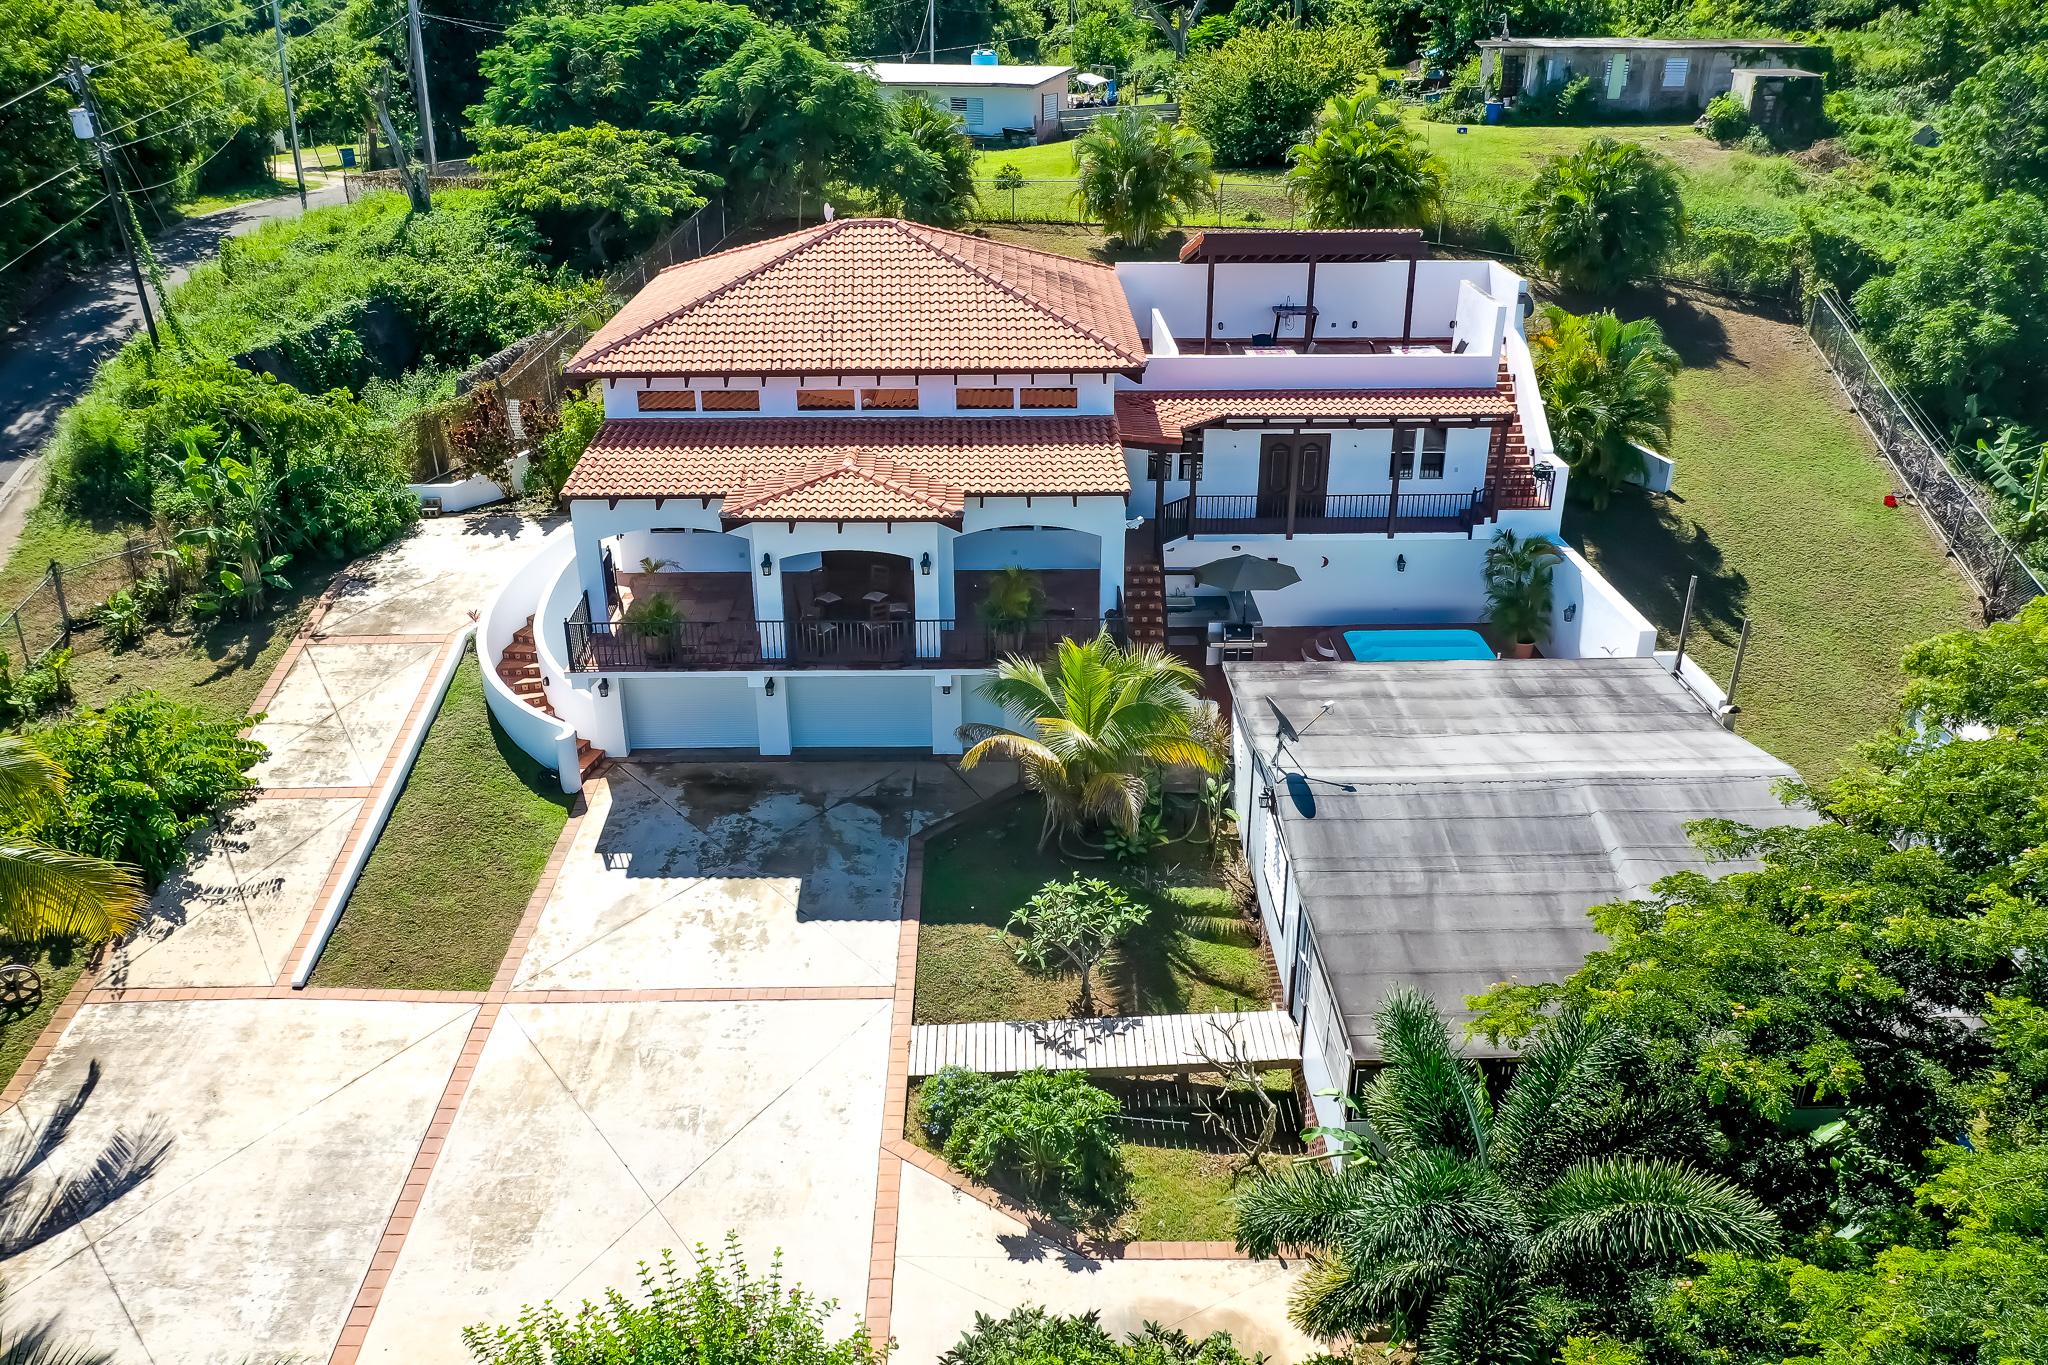 La Conquistadora – Architecturally Designed Spanish Villa